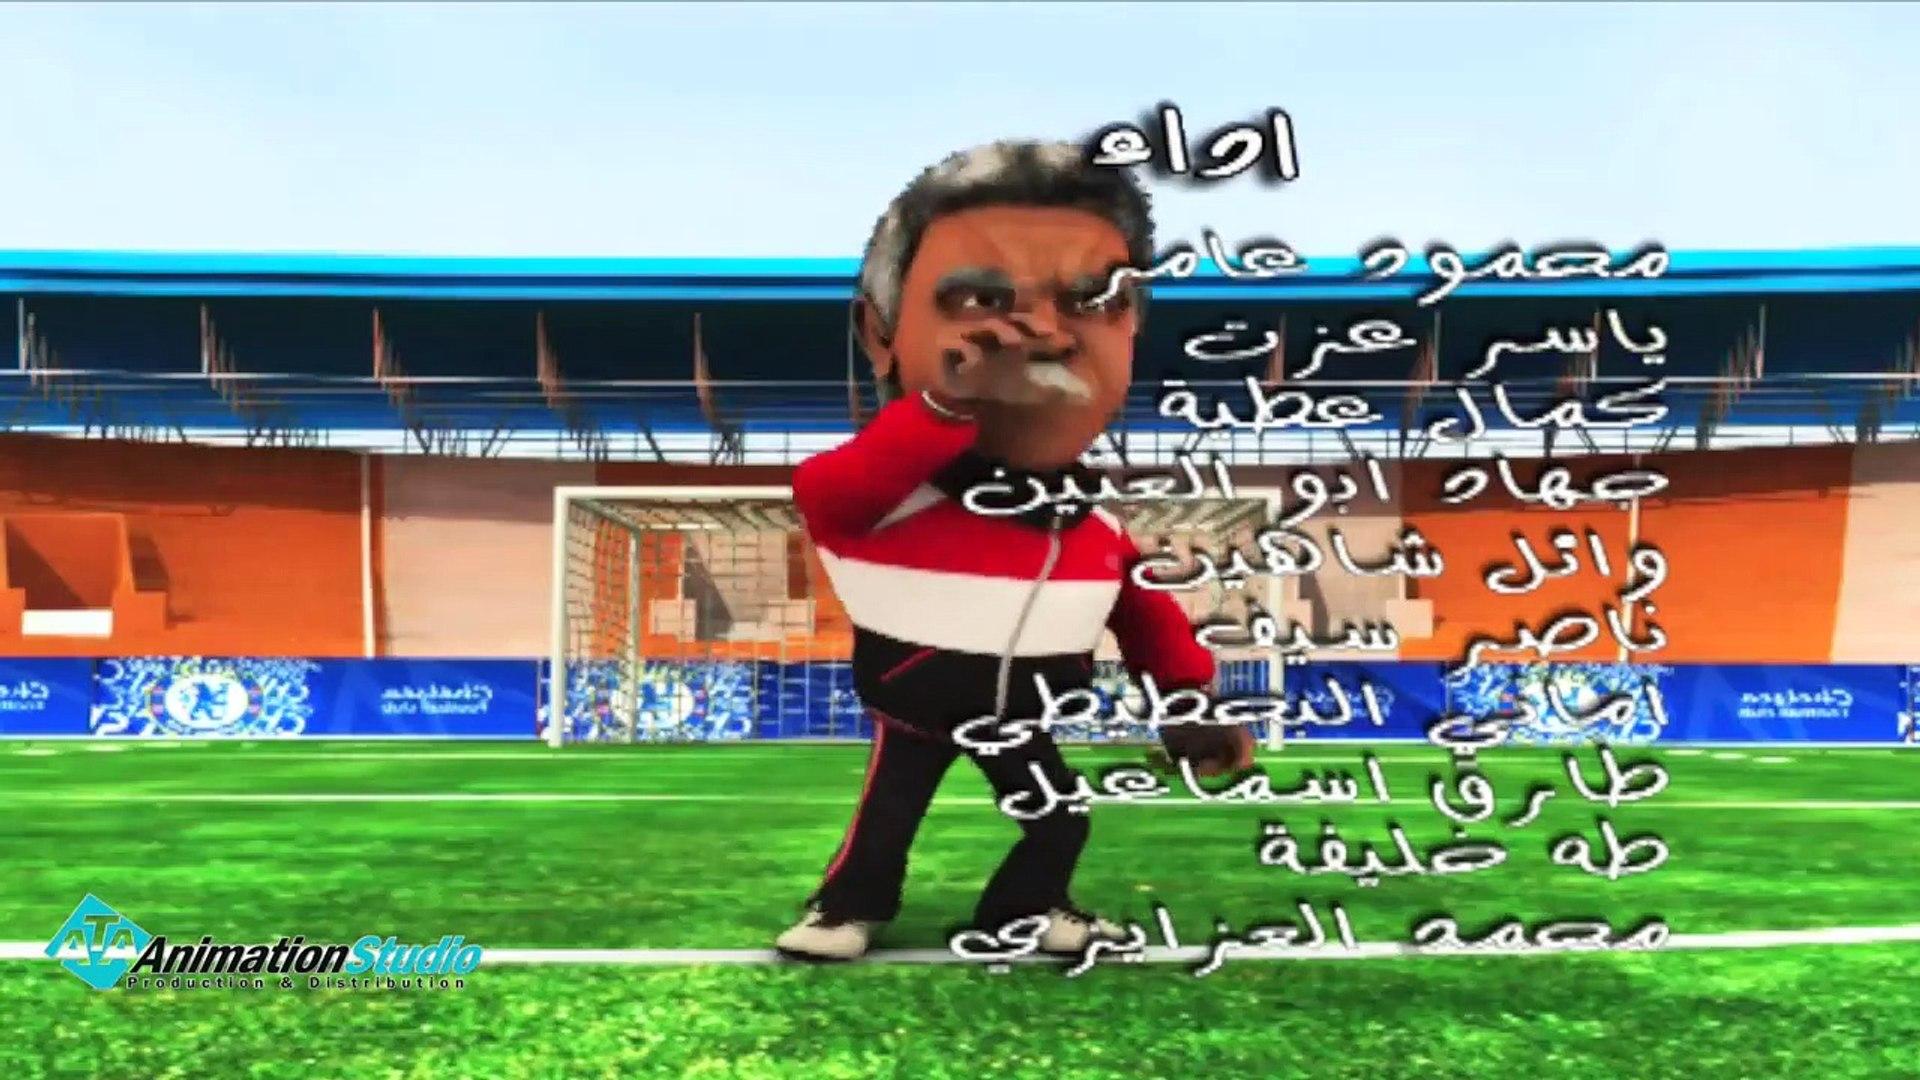 Welad Eleih part 1  Episode 4 مسلسل ولاد الايه - الجزء الاول - الحلقة الرابعة